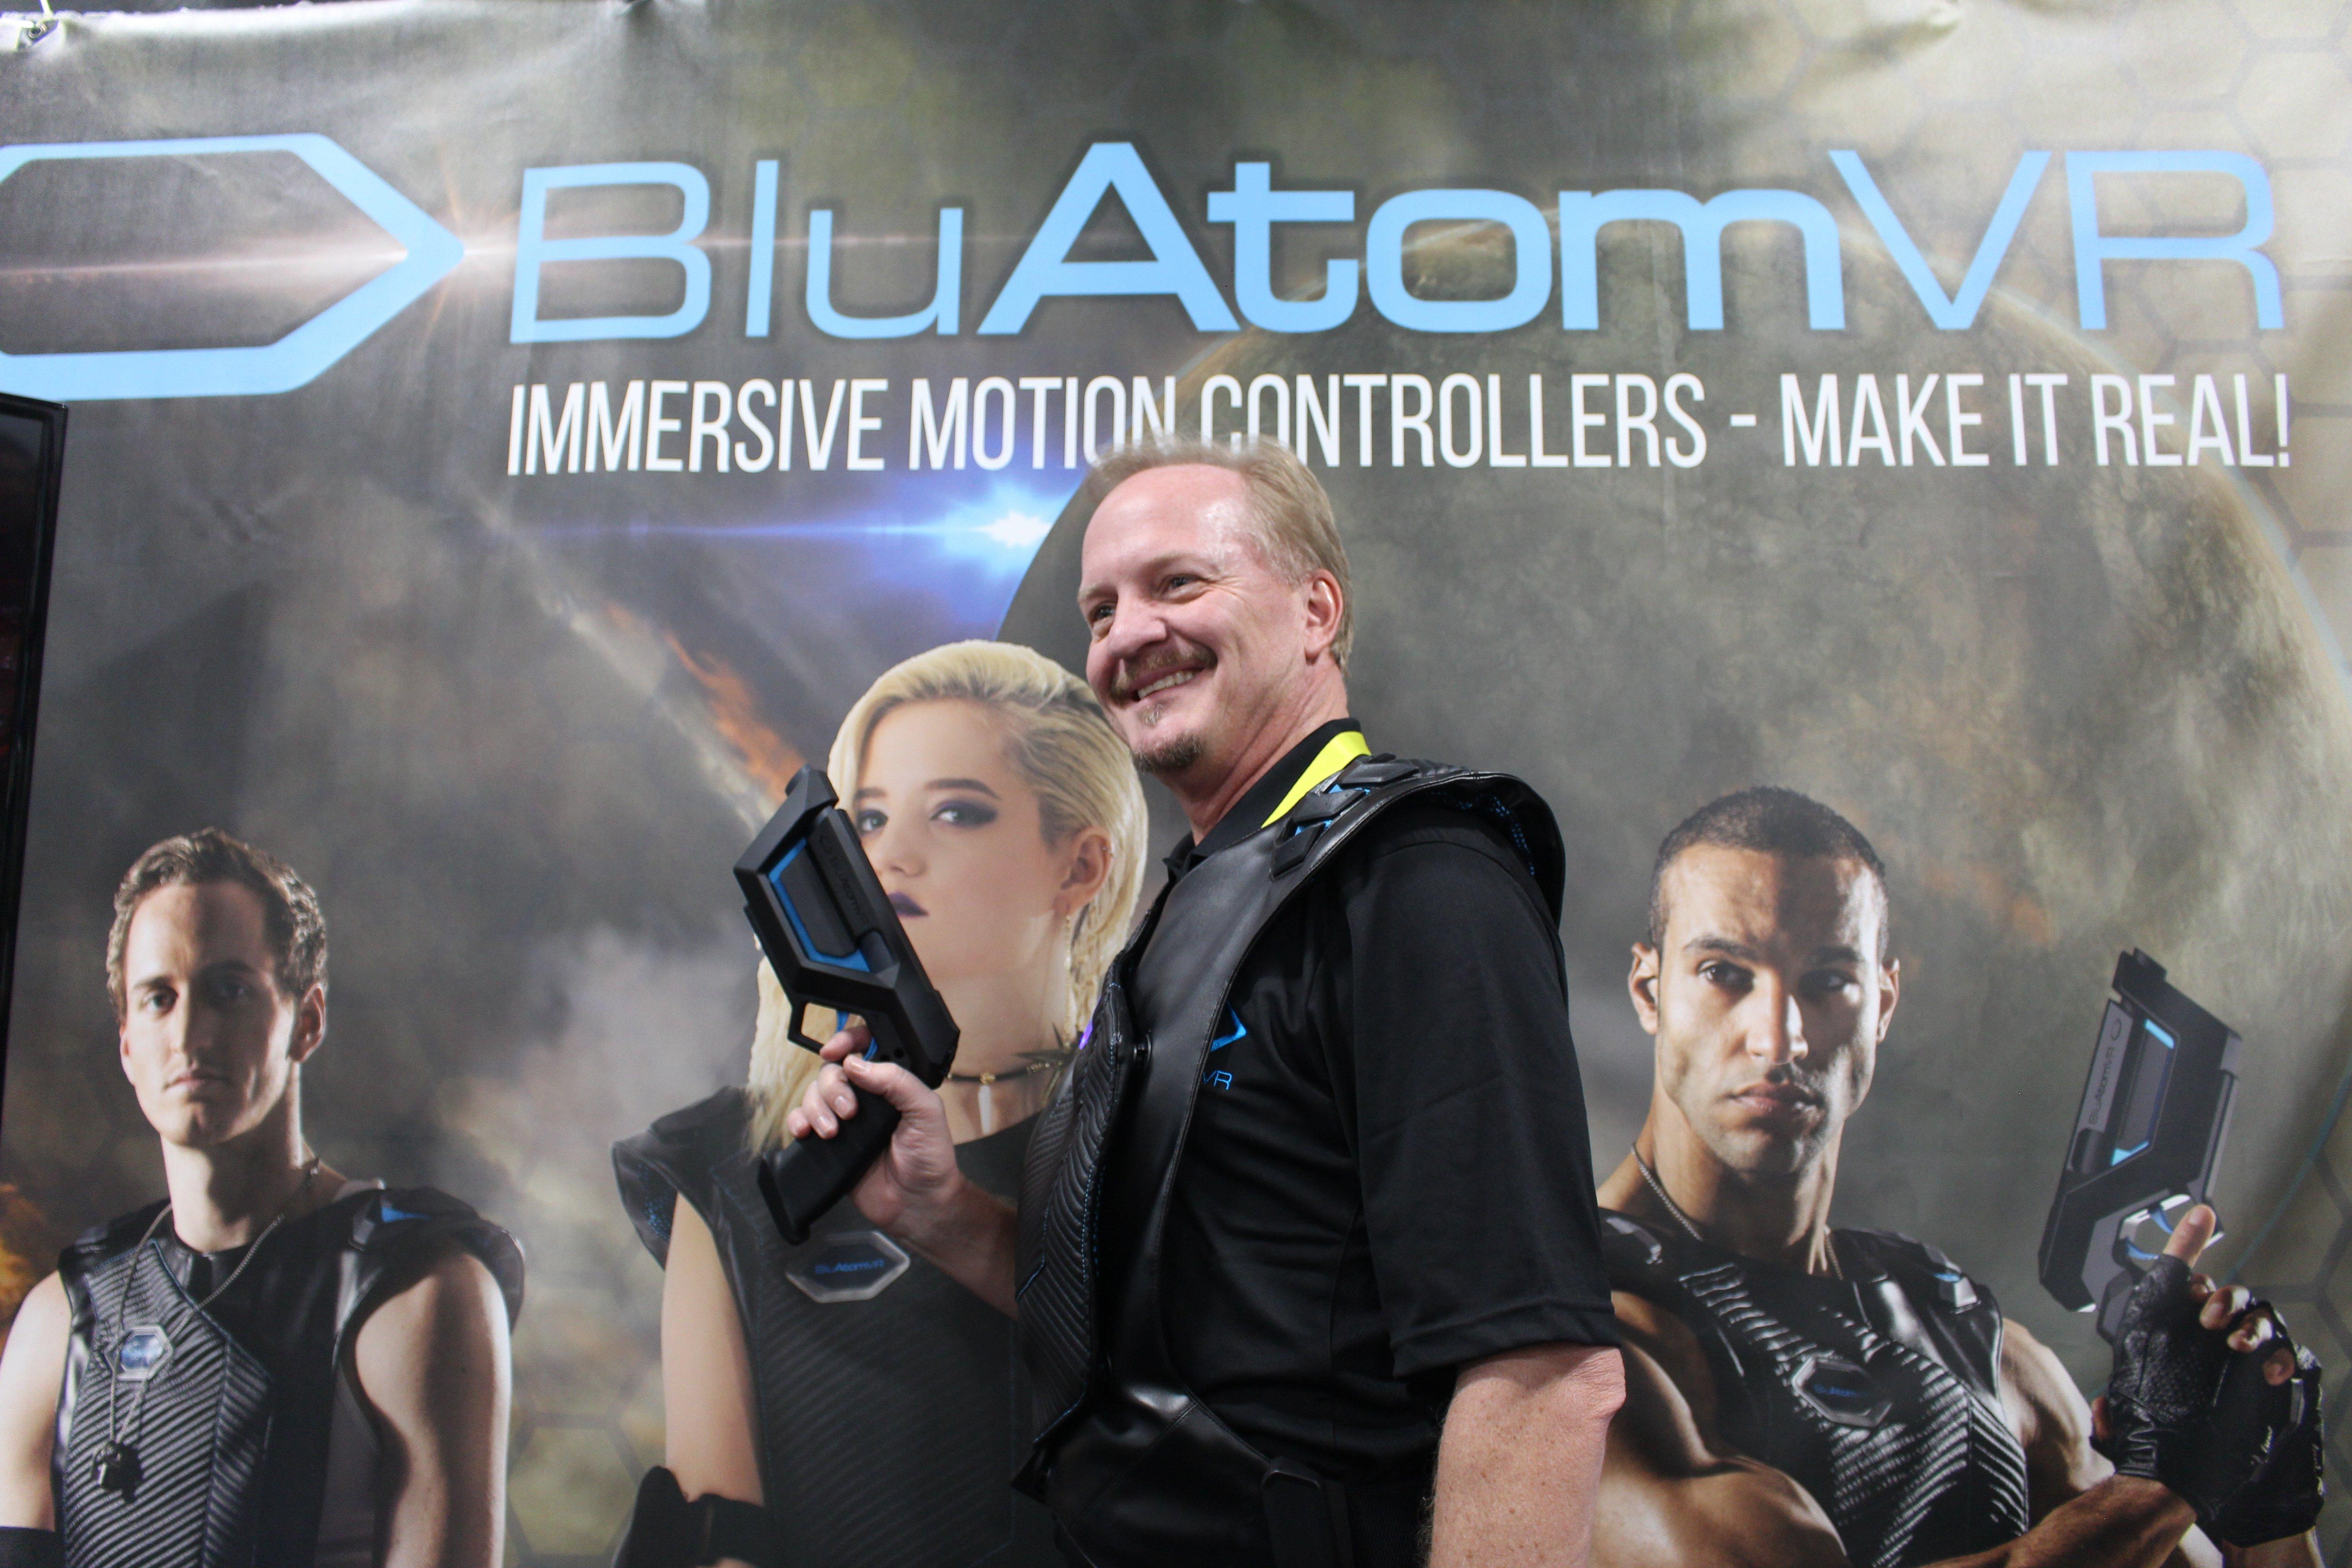 Las Vegas Comdex tradeshow-VR booth